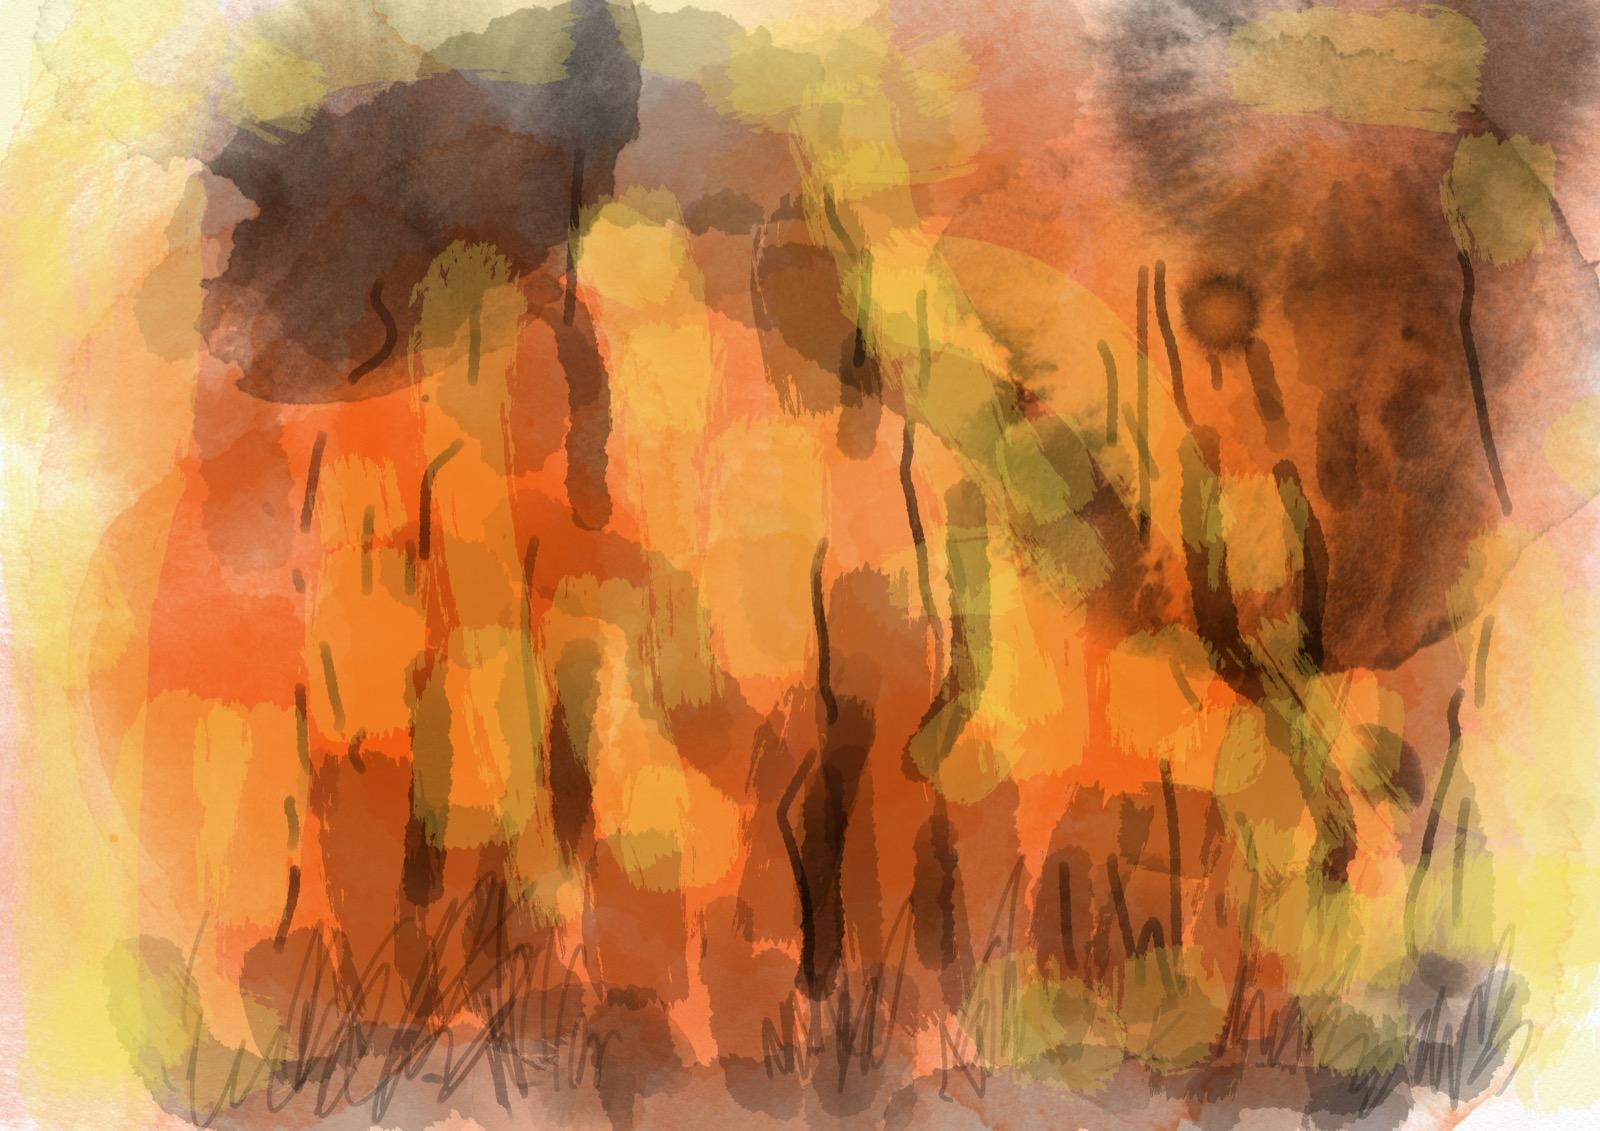 Bushfire, iPad digital